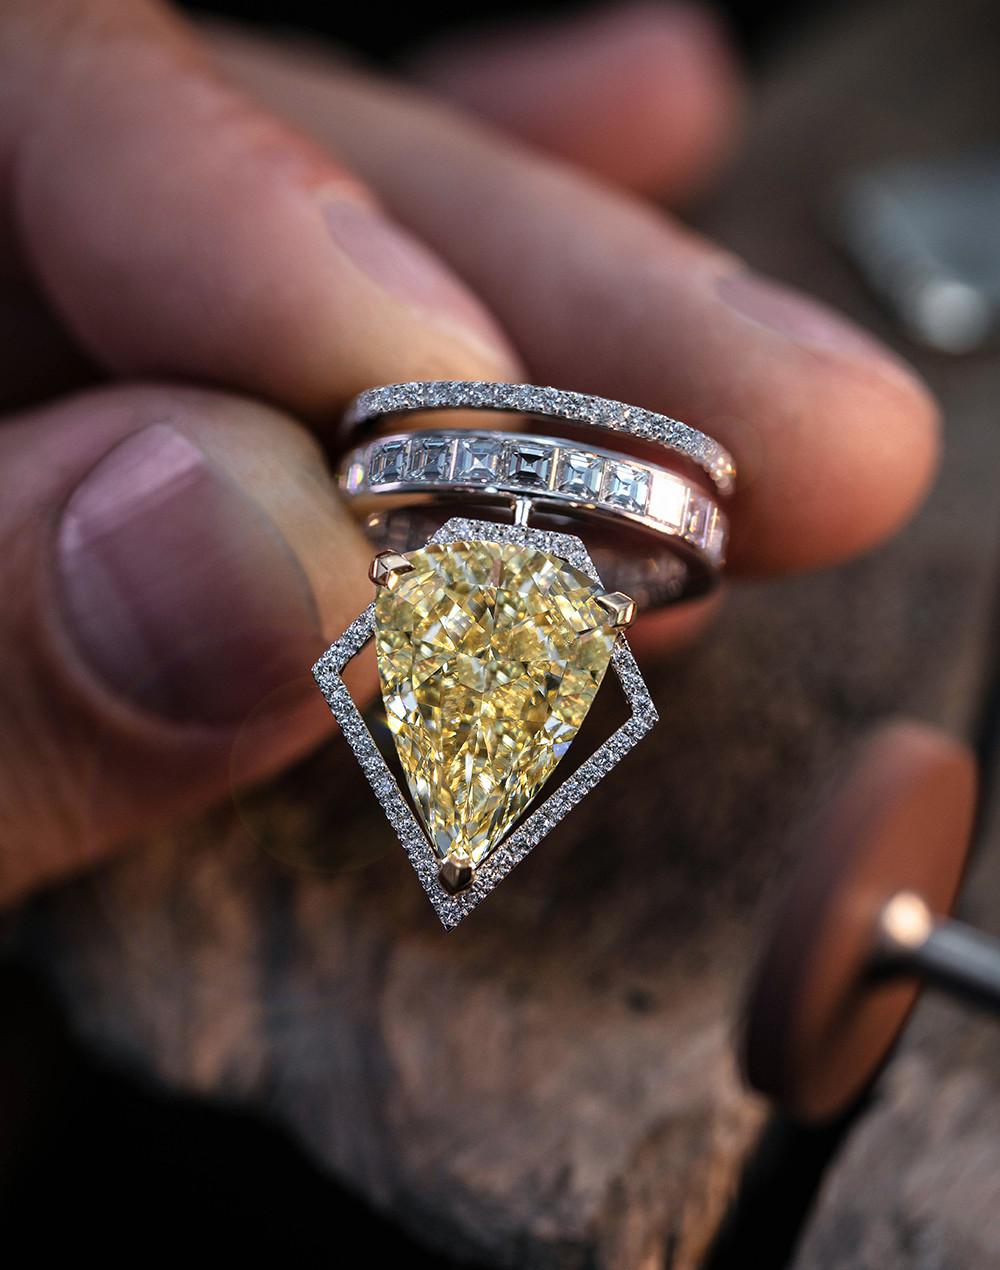 TRAPÉZISTES  الخاتم ألماسة كمثريّة صفراء وزنها 10,19 قيراط ودرجة نقاوتها VVS1 وزن الألماس الإجمالي: 12,94 قيراط